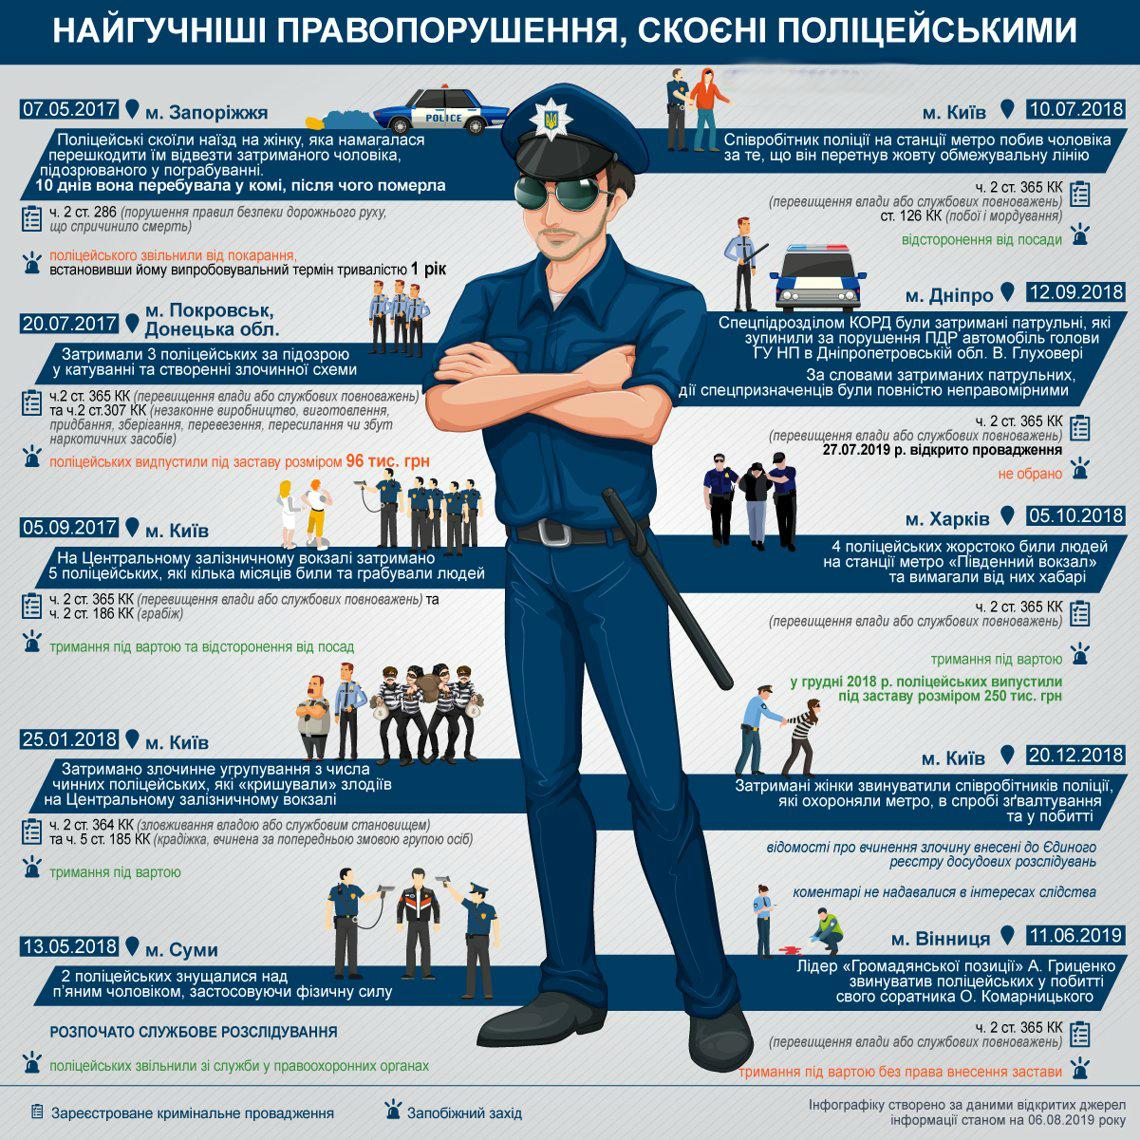 правонарушения полиции